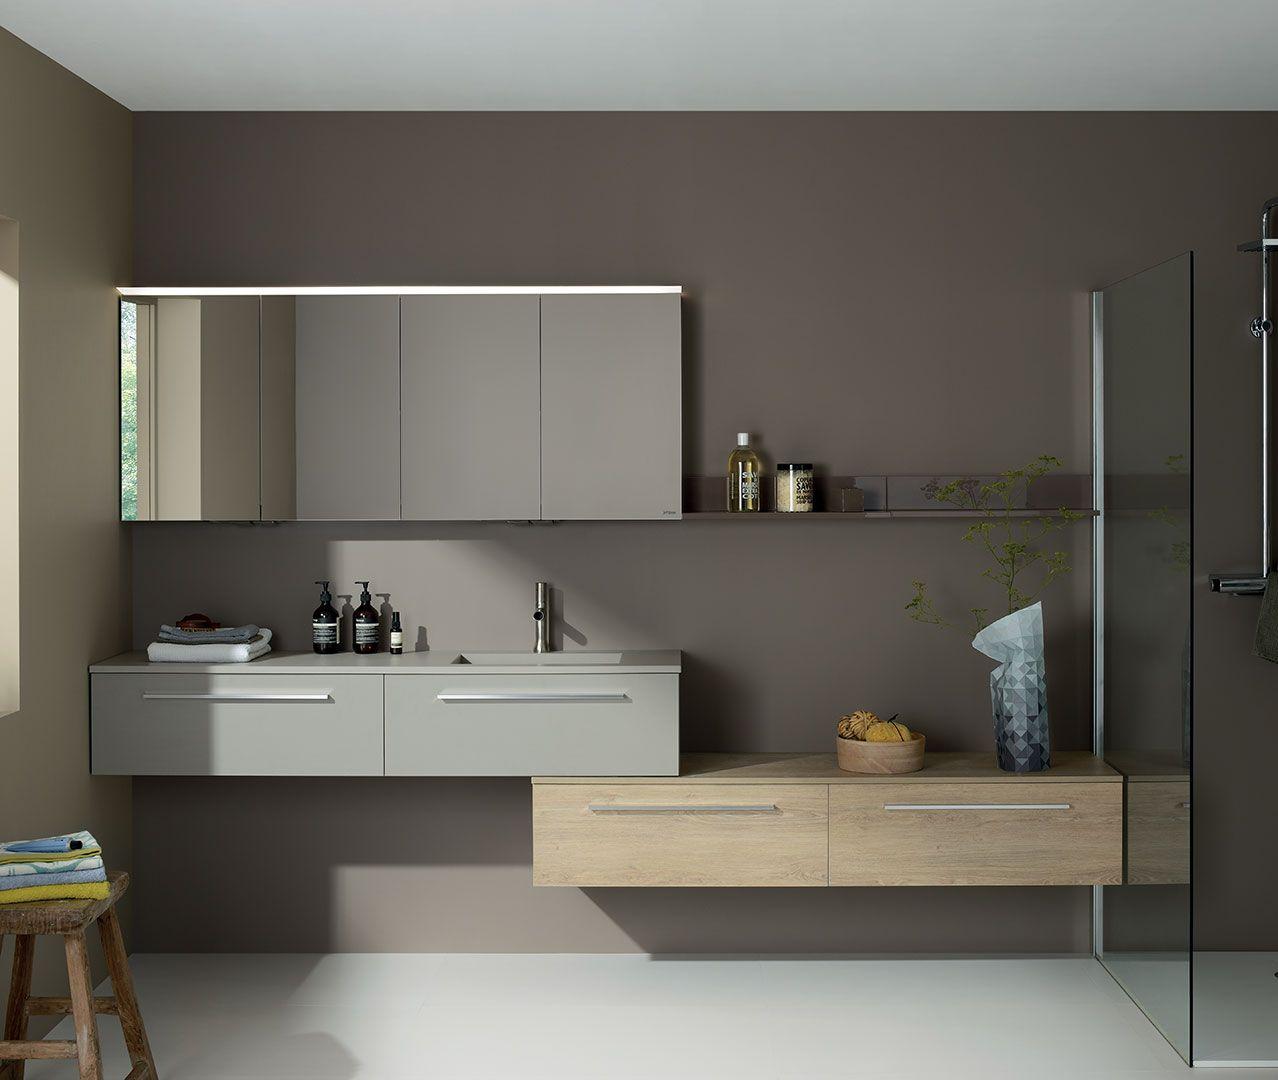 Salle De Bain Halo gamme halo, meuble salle de bain design - sanijura | salle